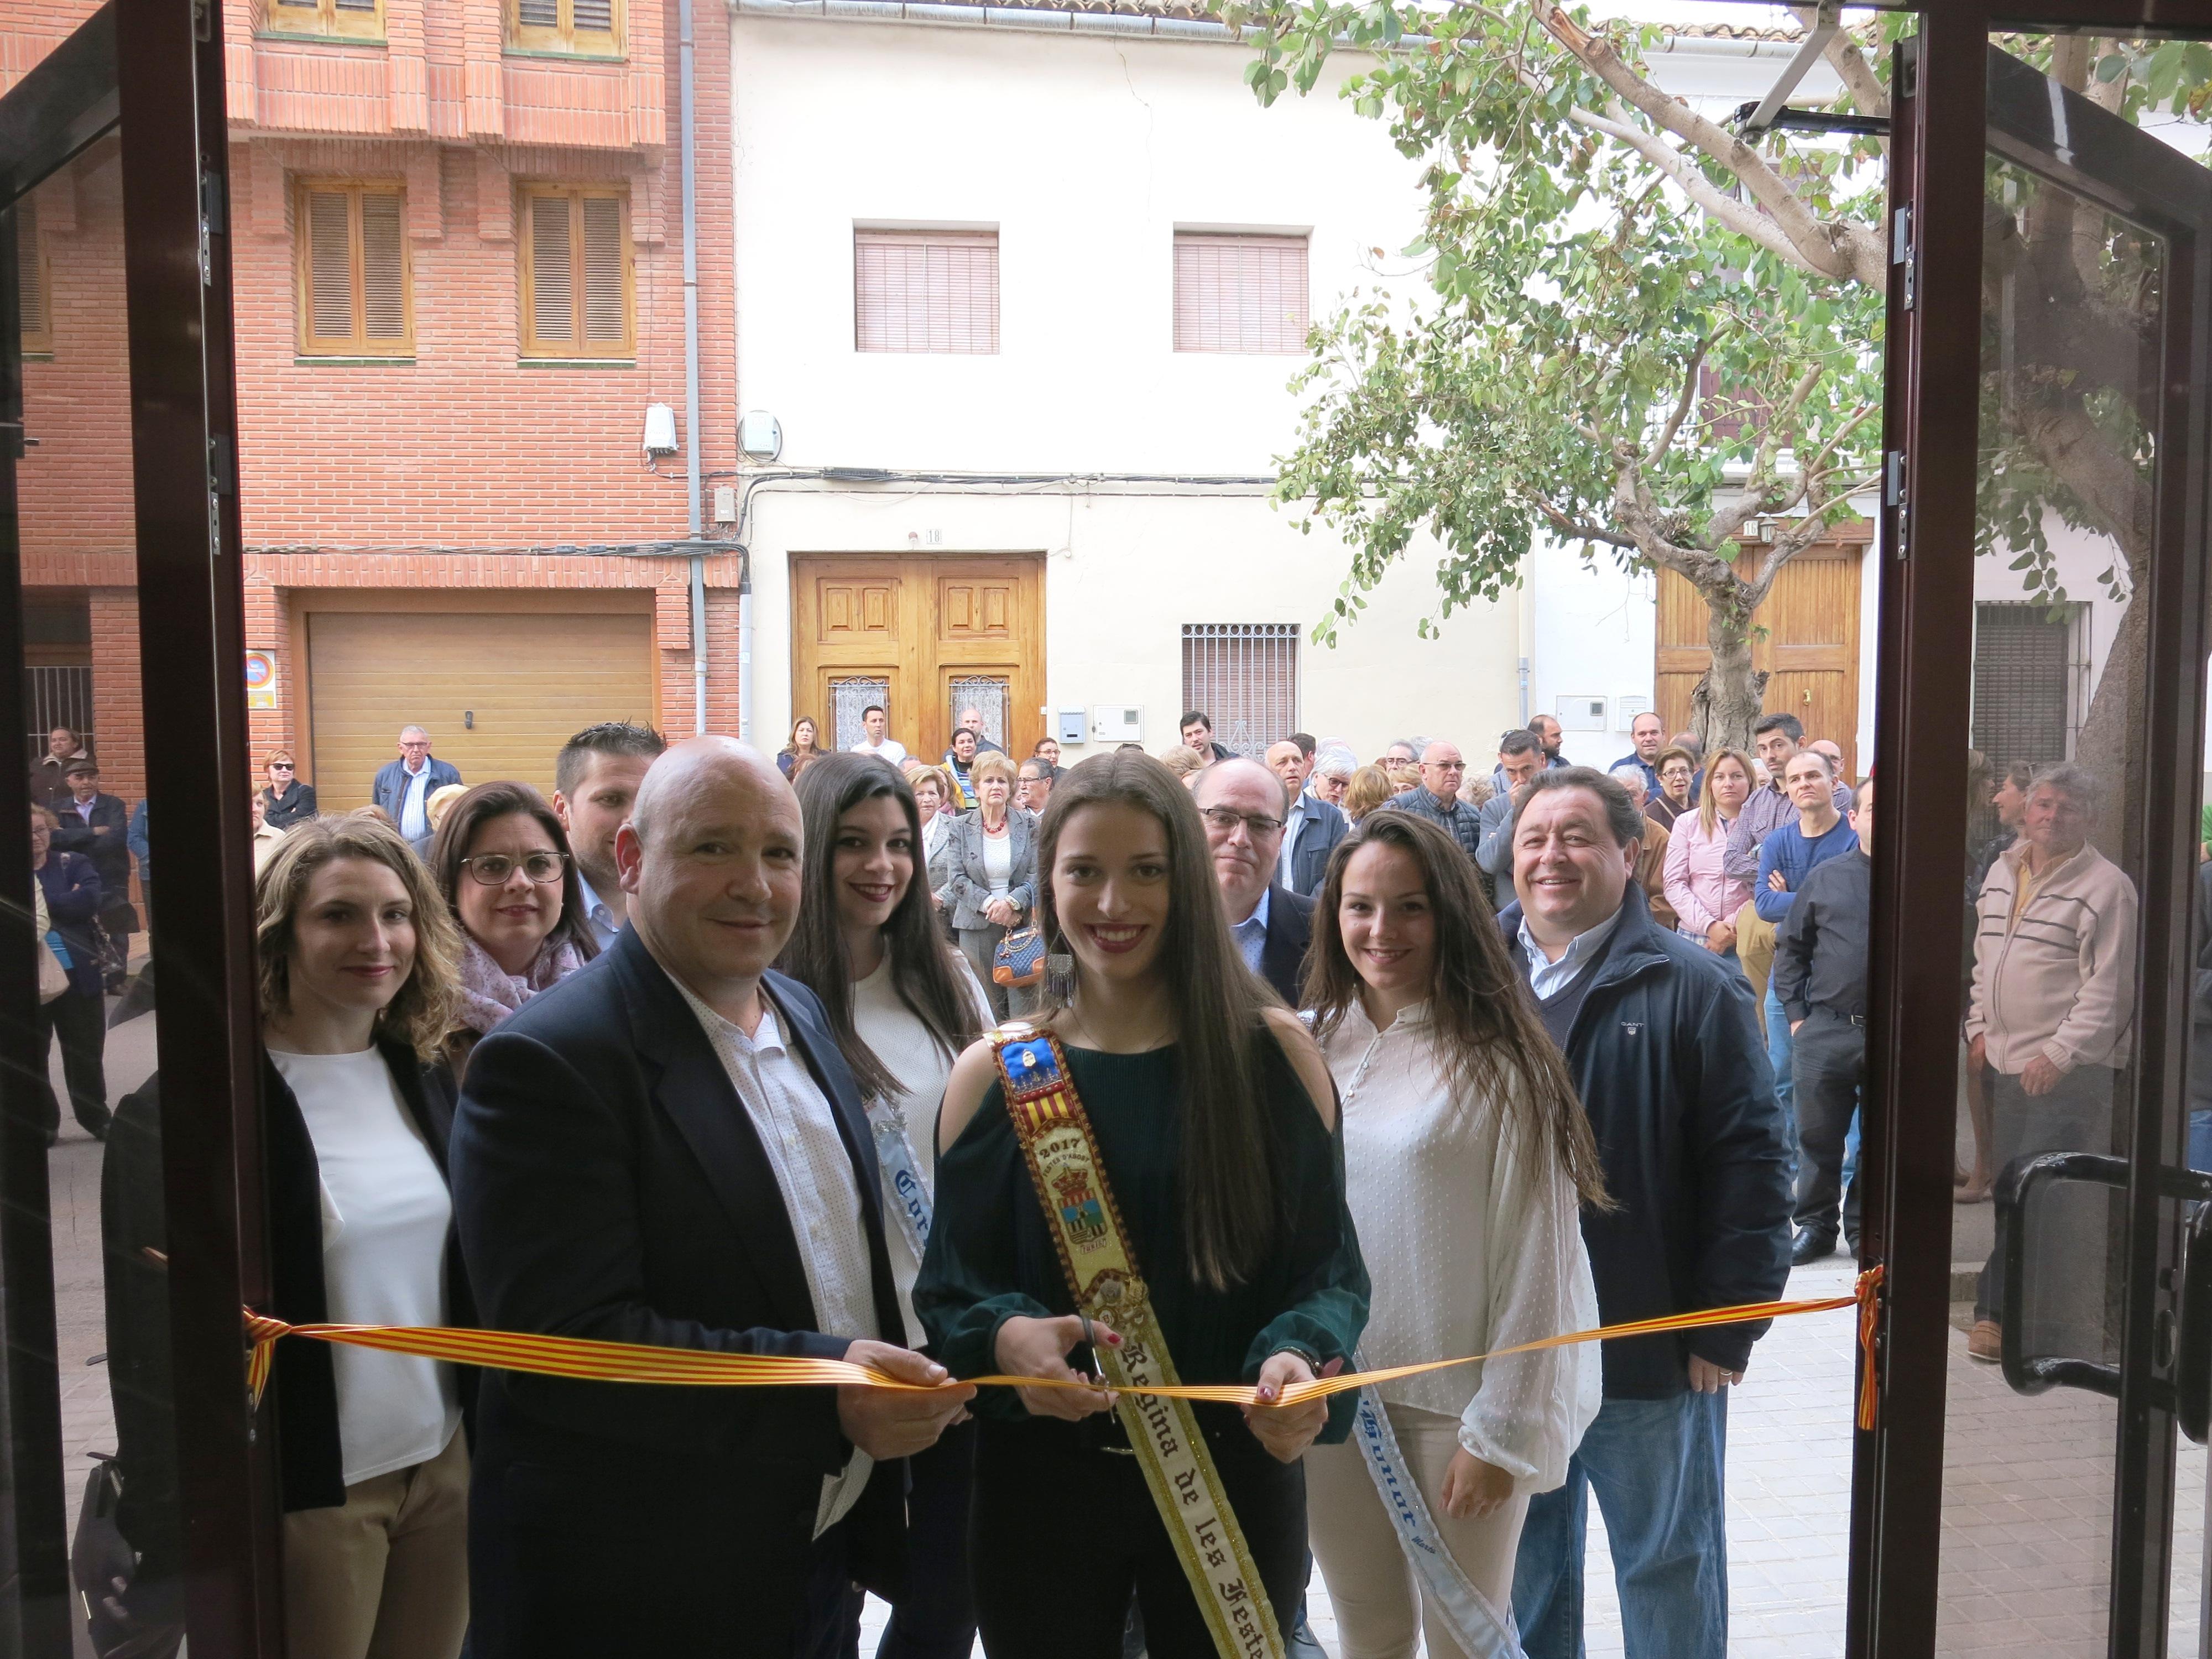 El nou Centre d'Associacions i Joventut que ocupa el que era l'antic centre de salut.